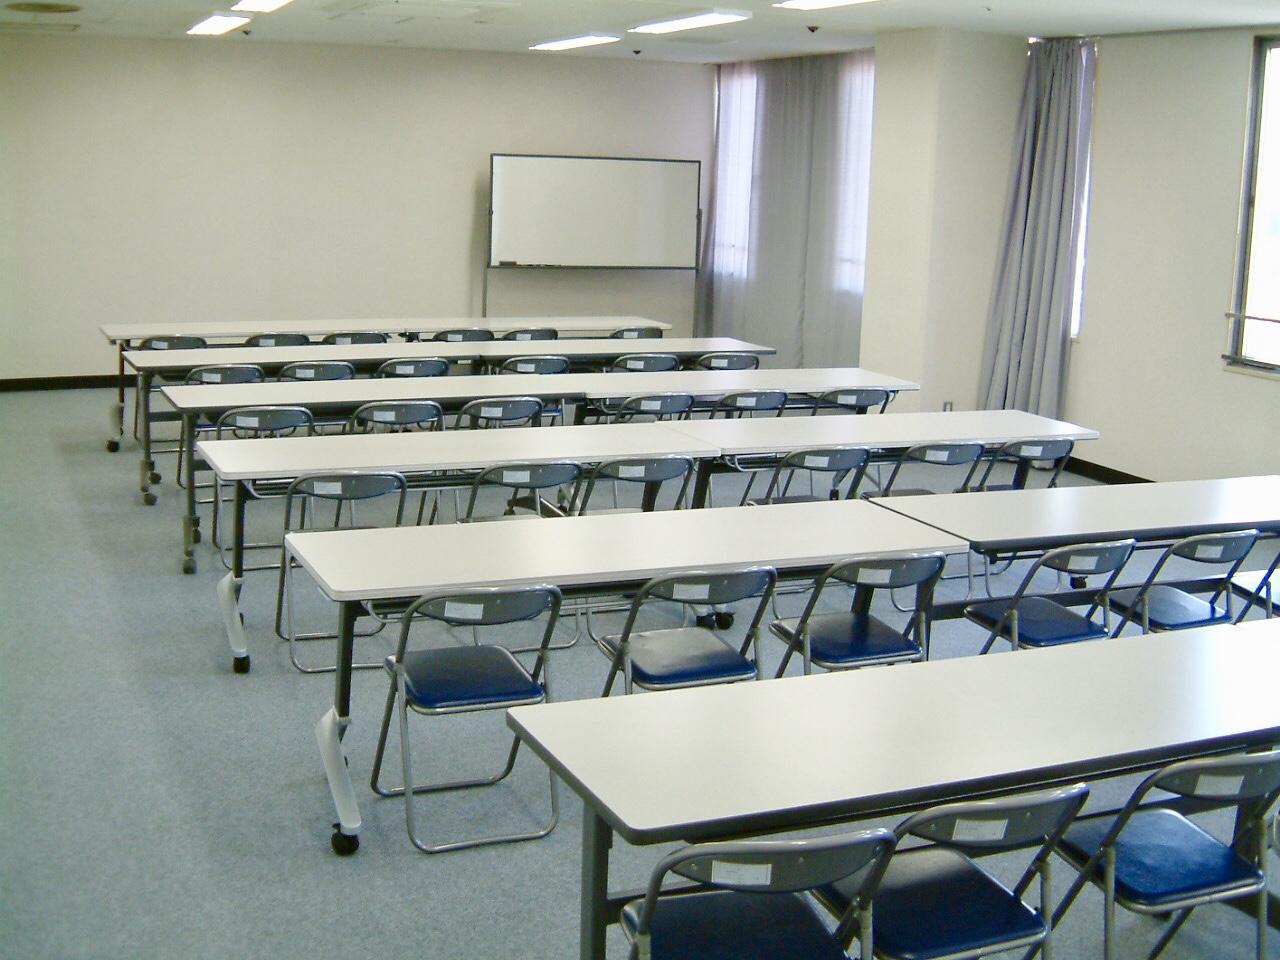 にぎわいプラザ6-1会議室